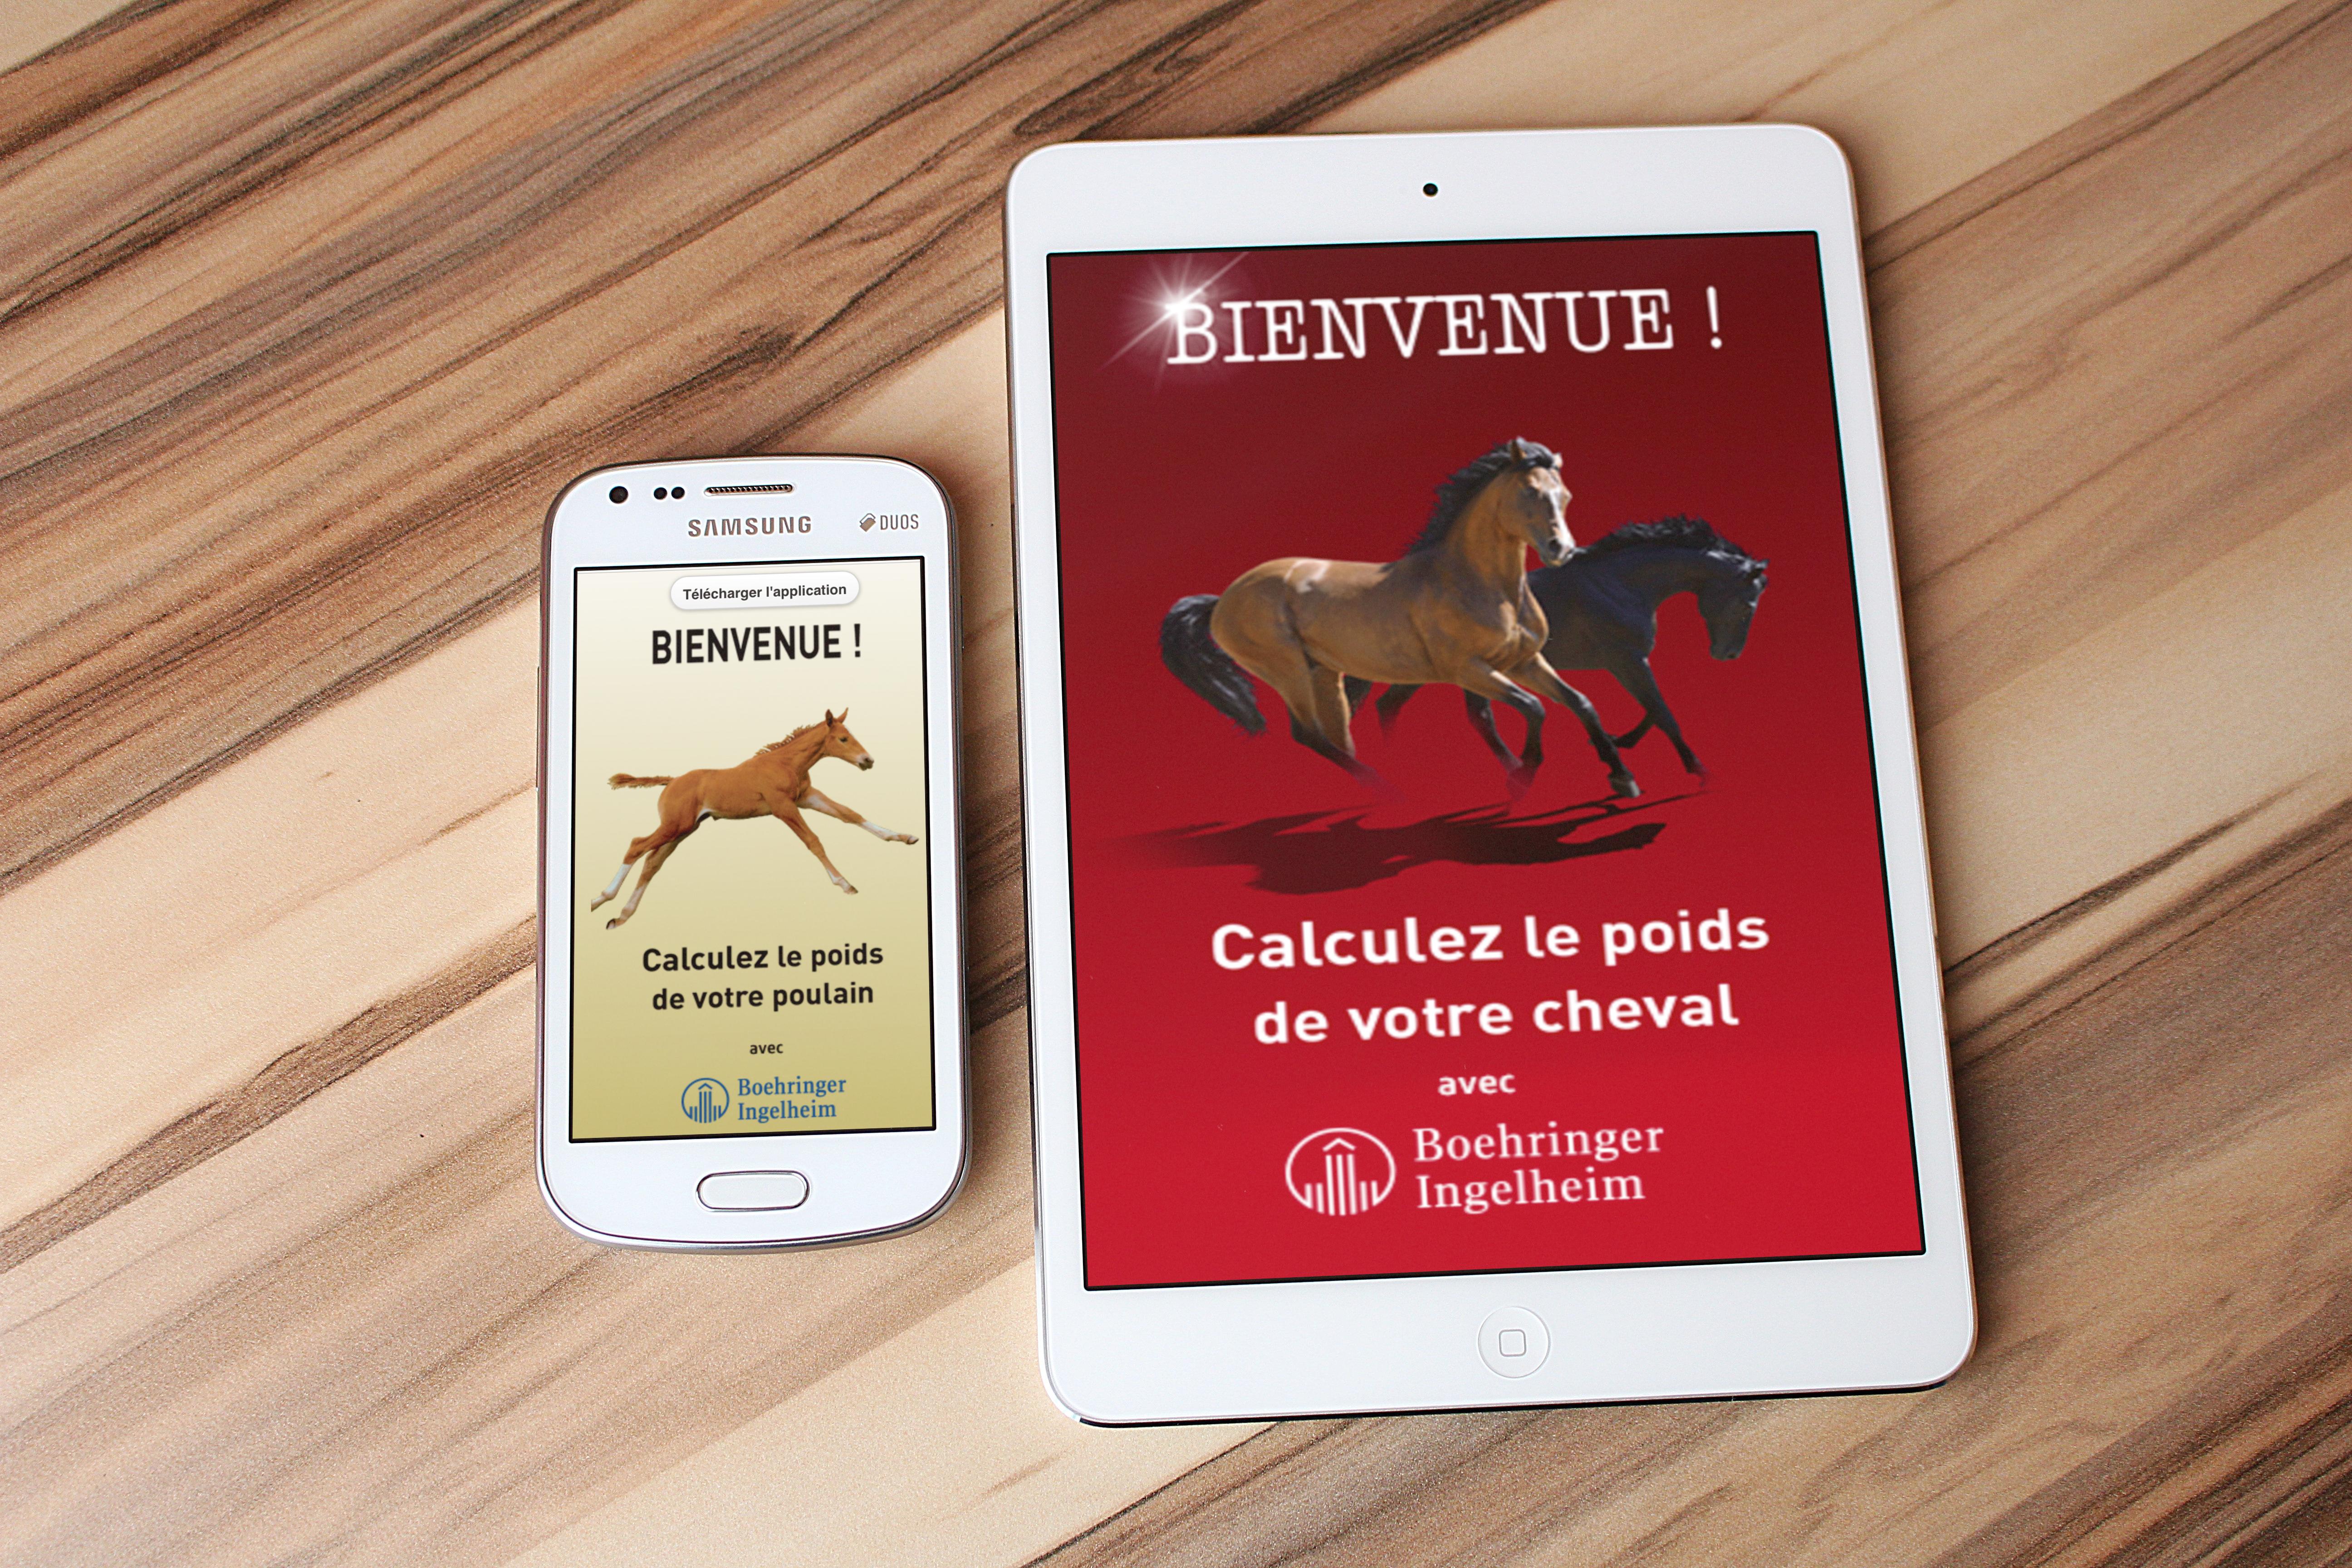 Application - Poids poulain et cheval